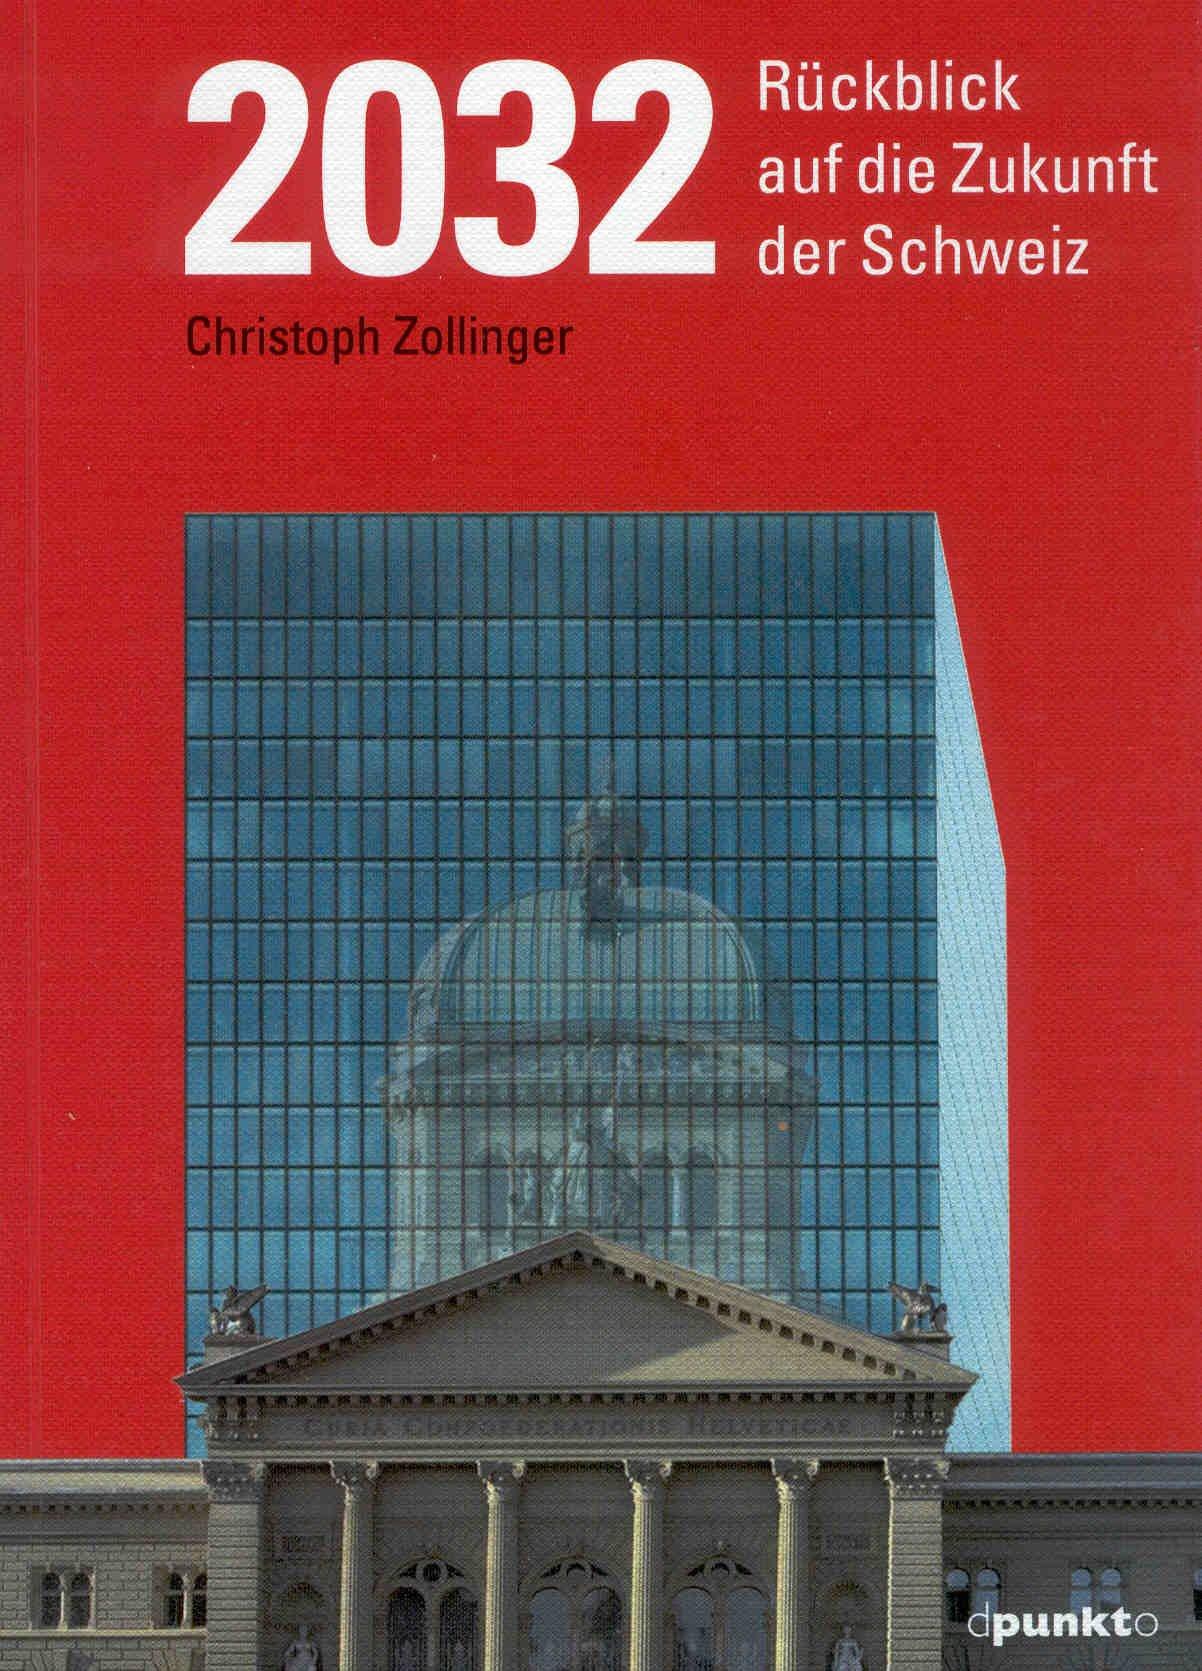 2032: Rückblick auf die Zukunft der Schweiz